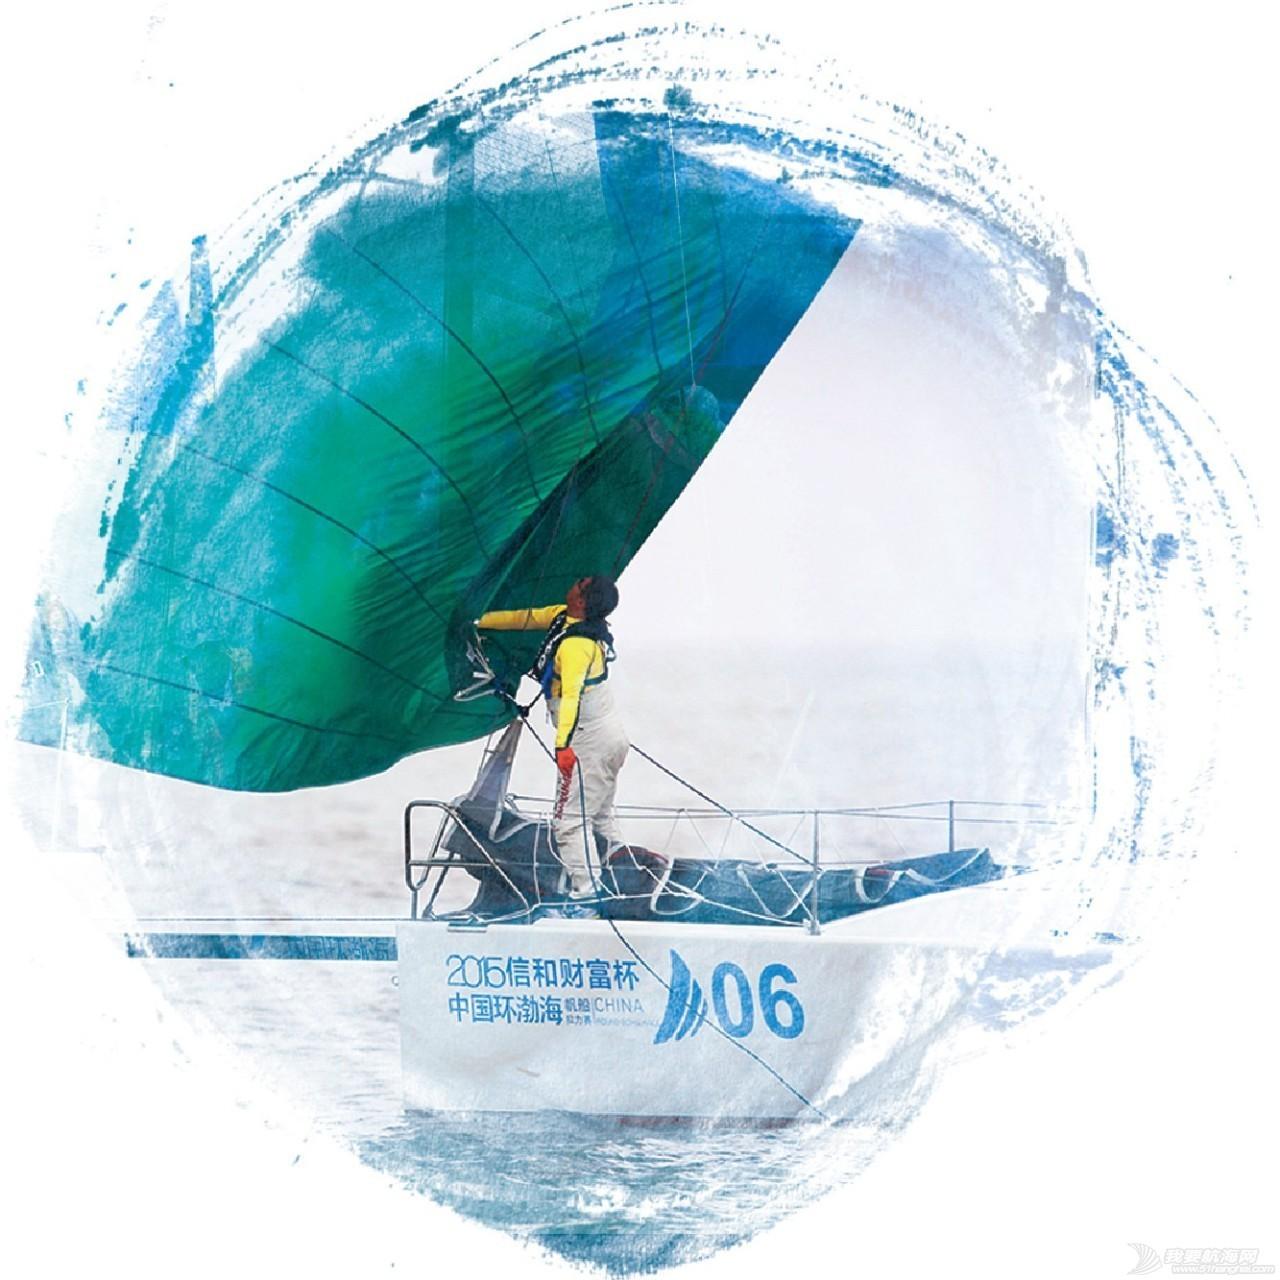 2016中国环渤海帆船拉力赛|官方招商发布会将于7月22日北京启幕 39f6da19eb2e7b61e23016367966aad5.jpg